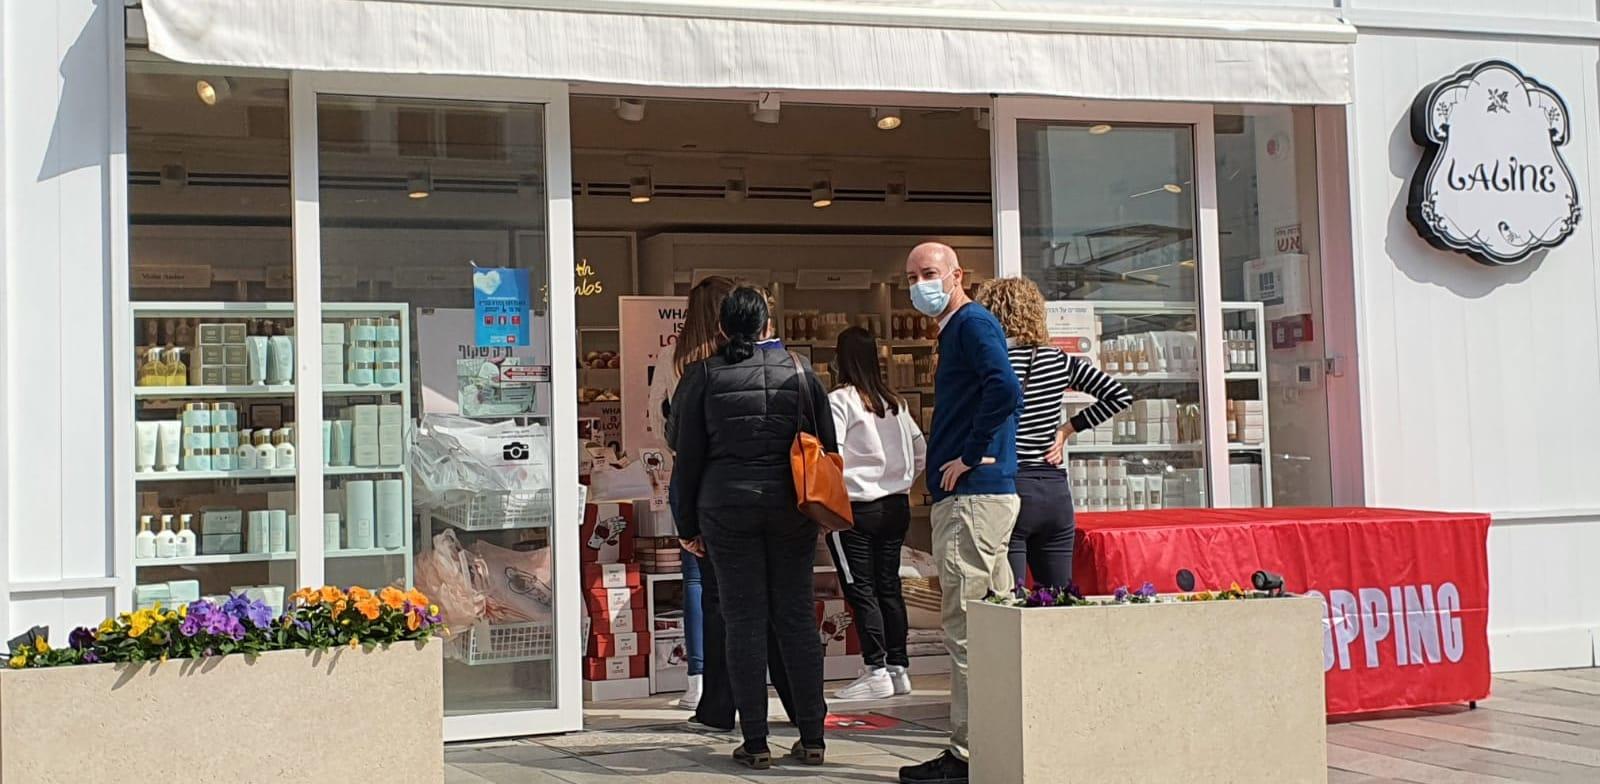 אנשים עומדים בתור לחנות ללין במרכז ביג בקריות. רשתות רבות נפתחו בניגוד להנחיות הסגר / צילום: פאול אורלייב